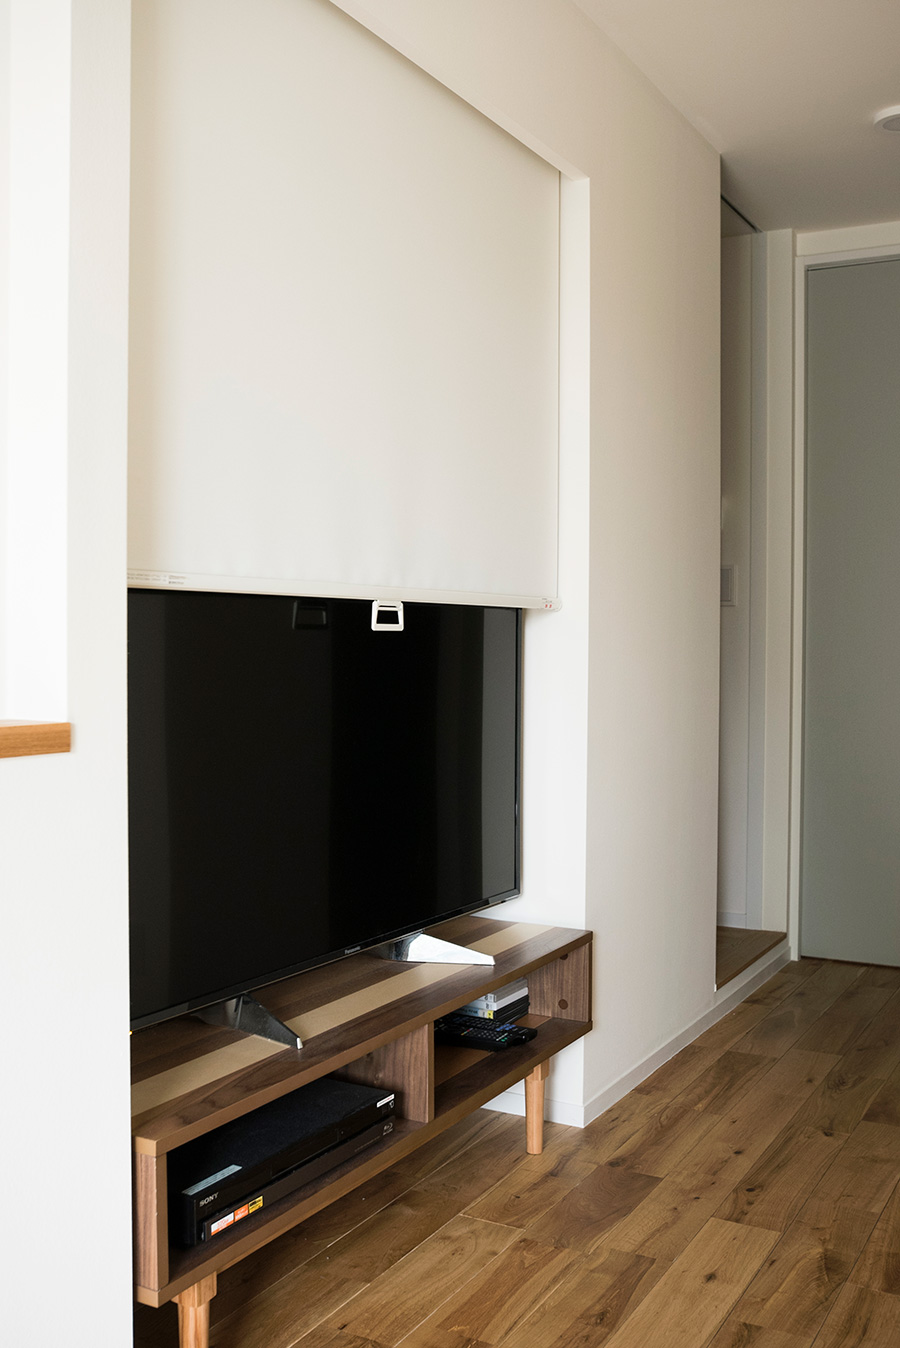 テレビを観るときはスクリーンをアップ。テレビ用の空間を予め設けた。